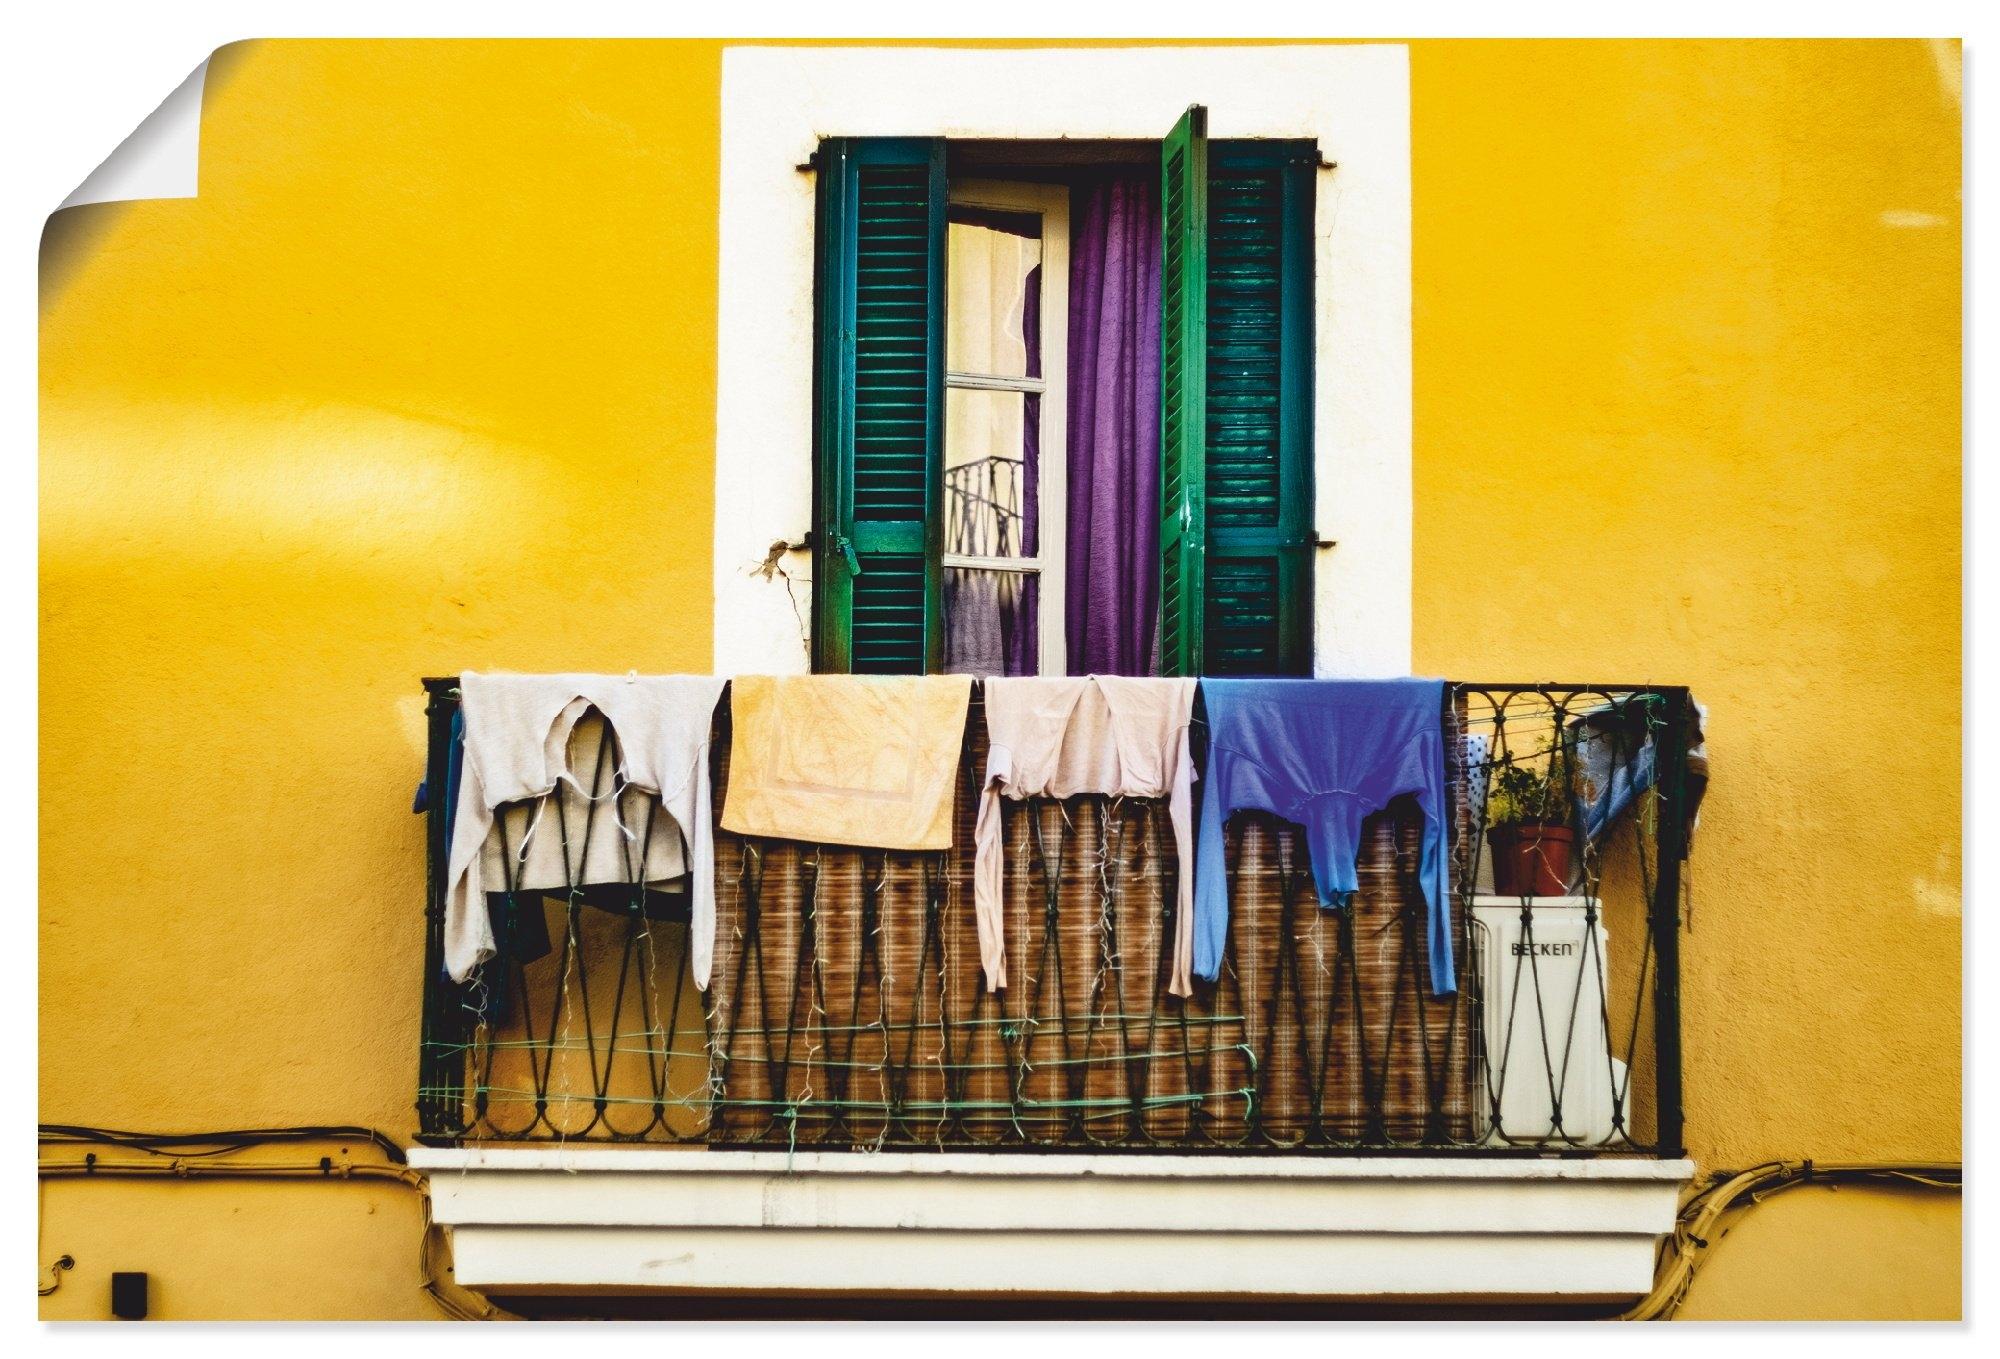 Artland artprint Oude binnenstad woning in vele afmetingen & productsoorten - artprint van aluminium / artprint voor buiten, artprint op linnen, poster, muursticker / wandfolie ook geschikt voor de badkamer (1 stuk) bestellen: 30 dagen bedenktijd